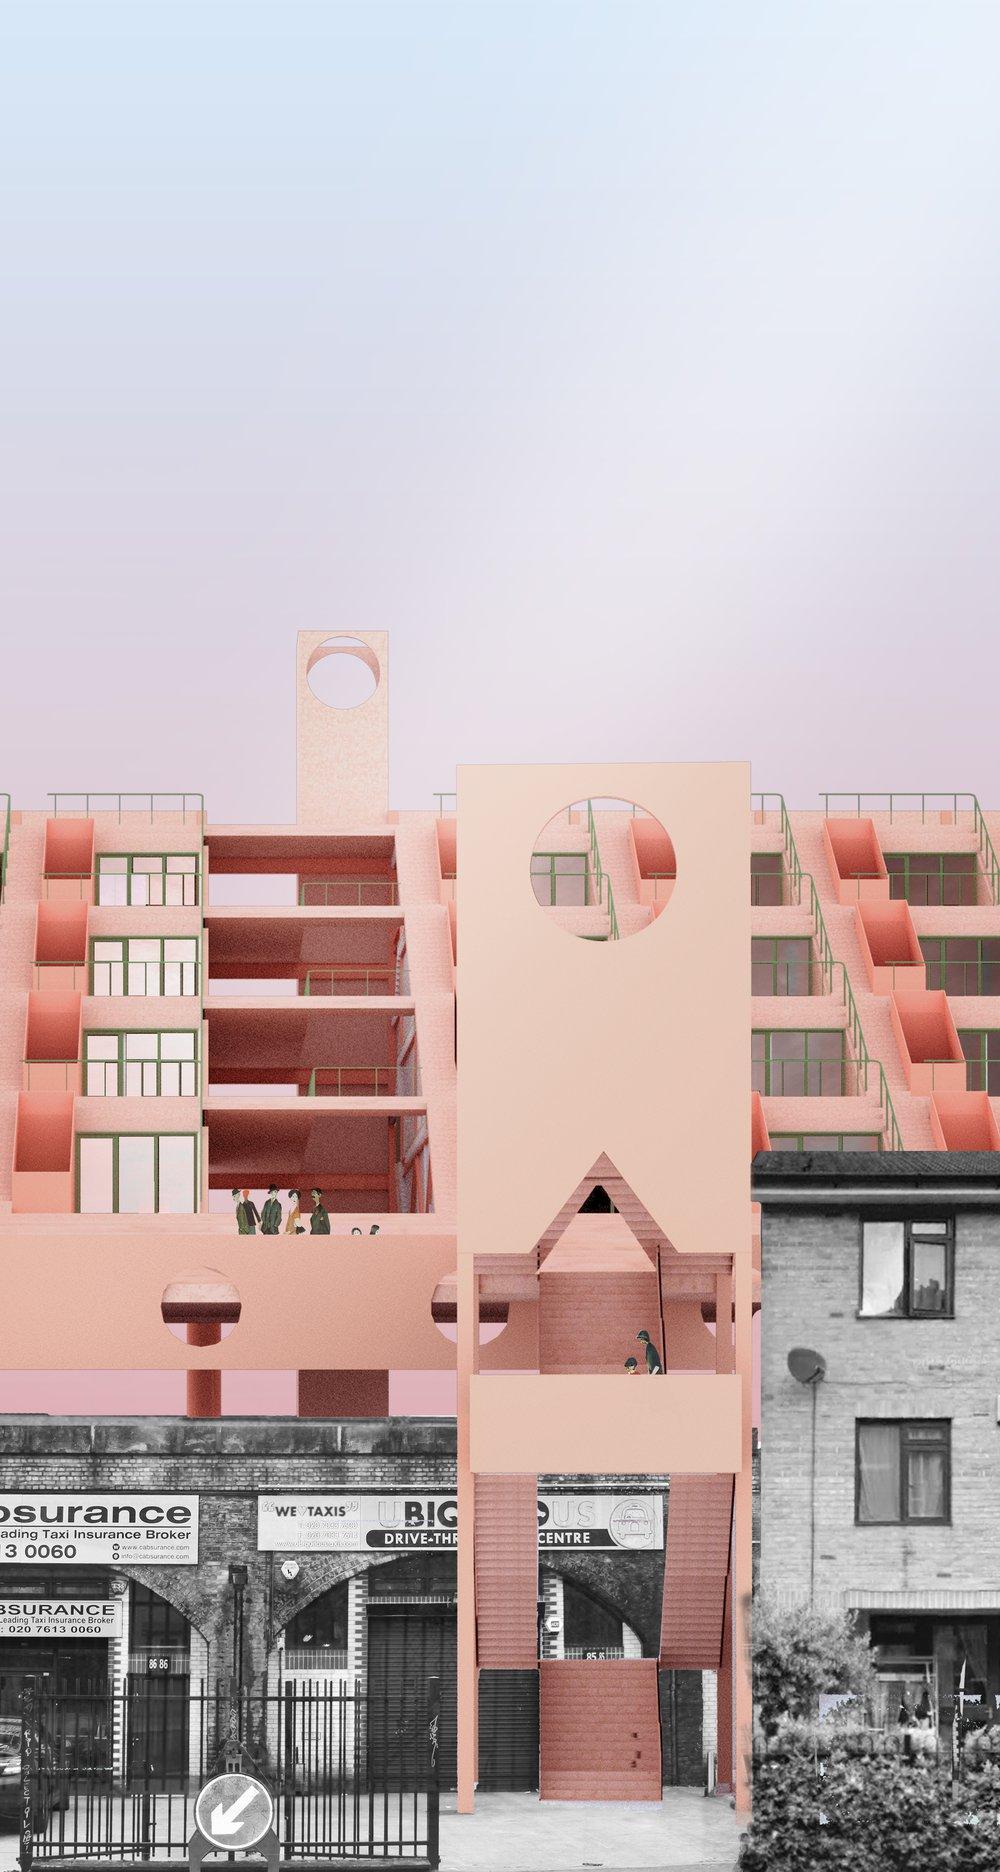 East Pass, Housing